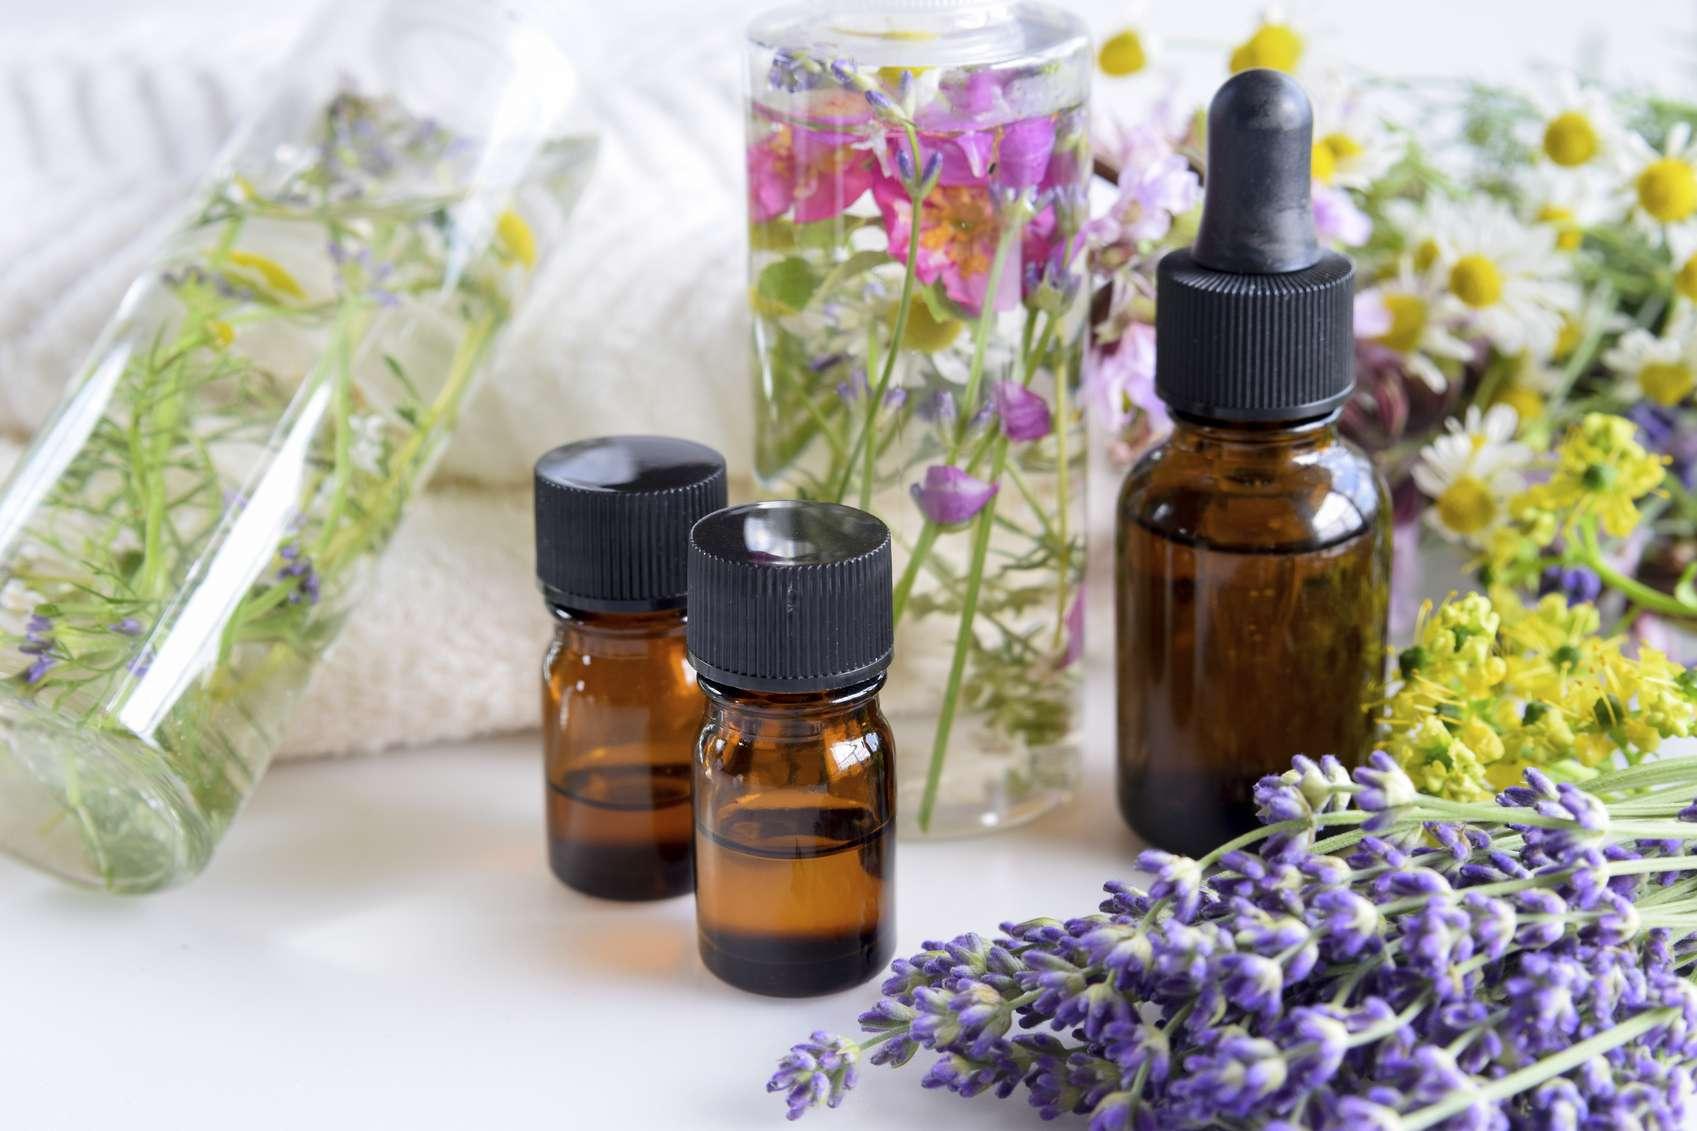 Why do Many Customers choose MEENA PERFUMERY Oils Compnay?